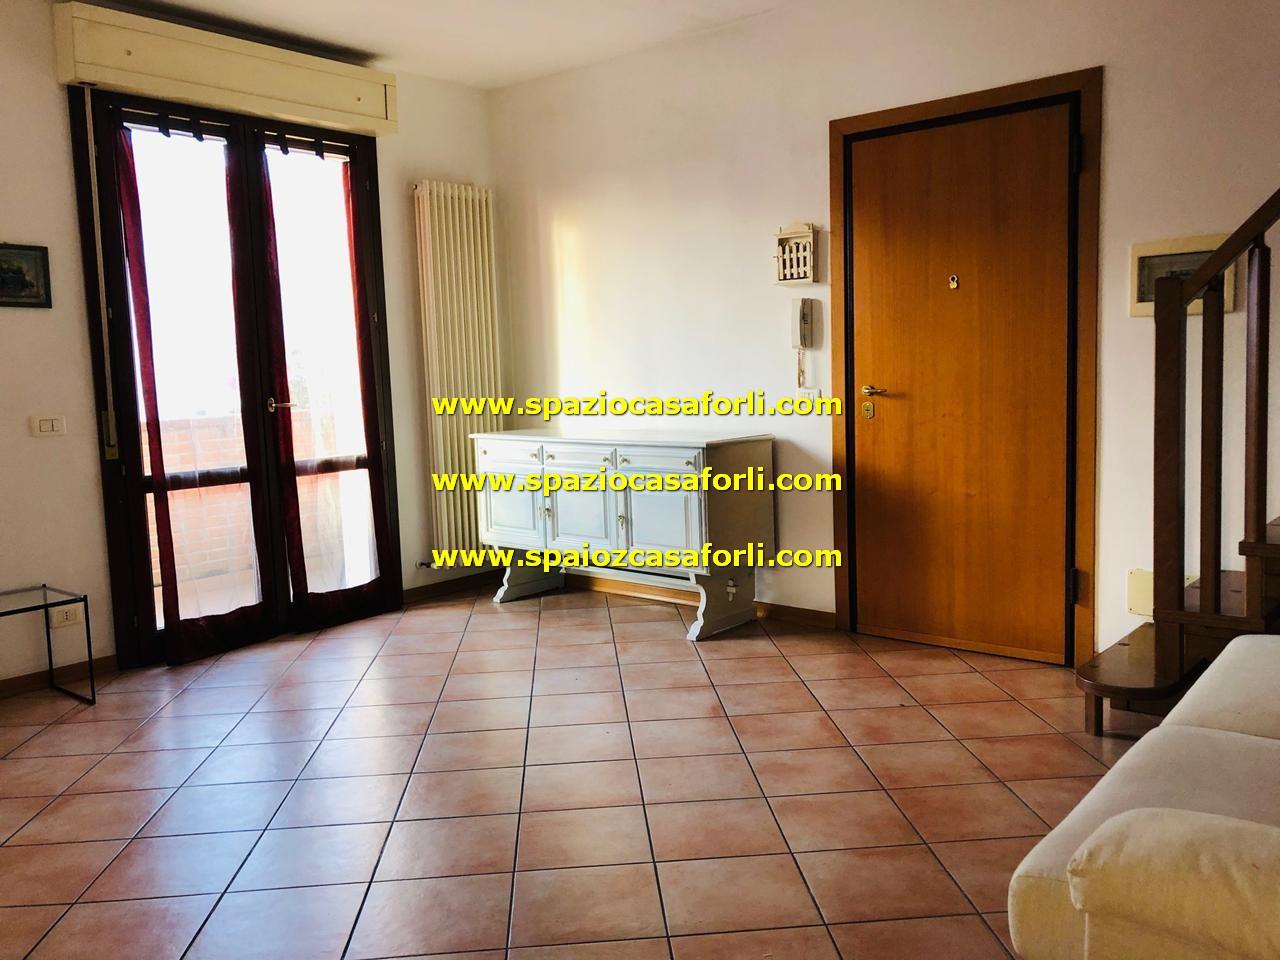 Appartamento in vendita Forli Zona Pieveacquedotto